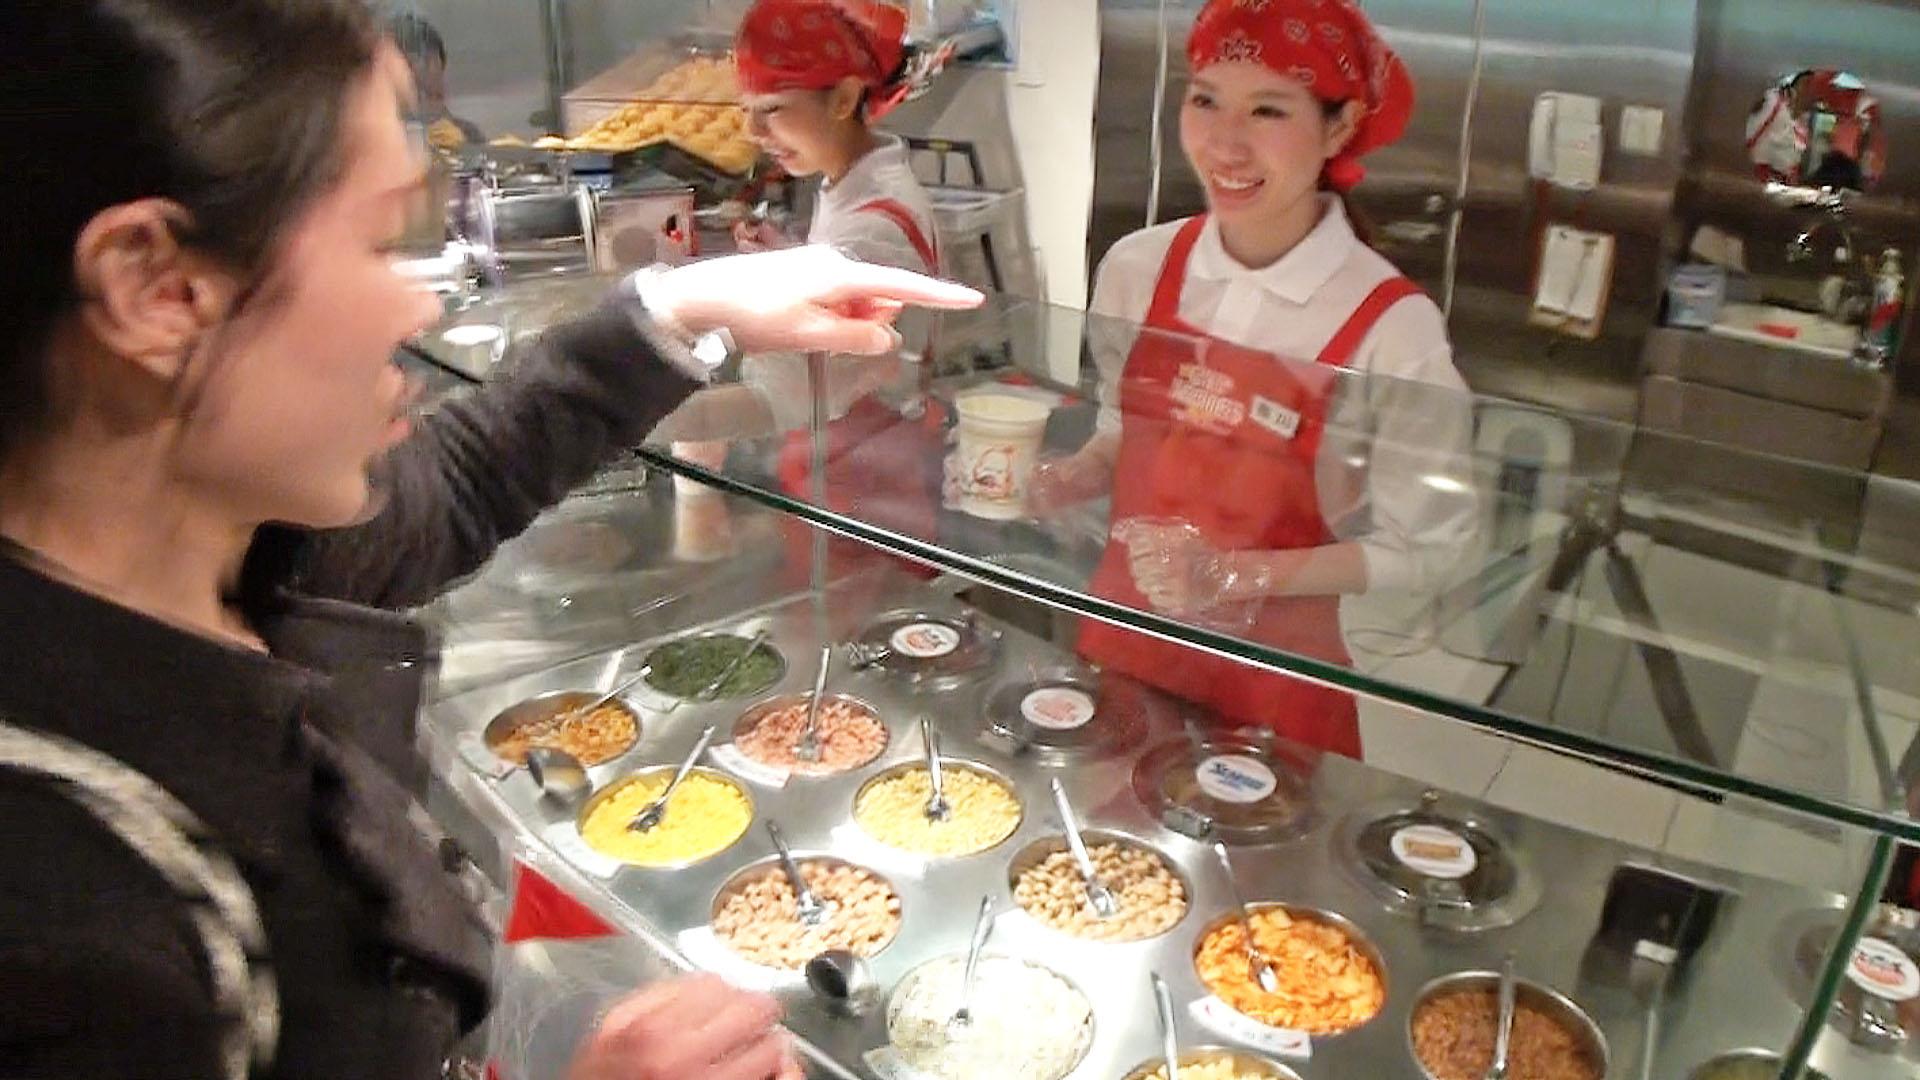 カップヌードルの発祥地は大阪にあった!ミュージアムでマイカップヌードルを手作り体験